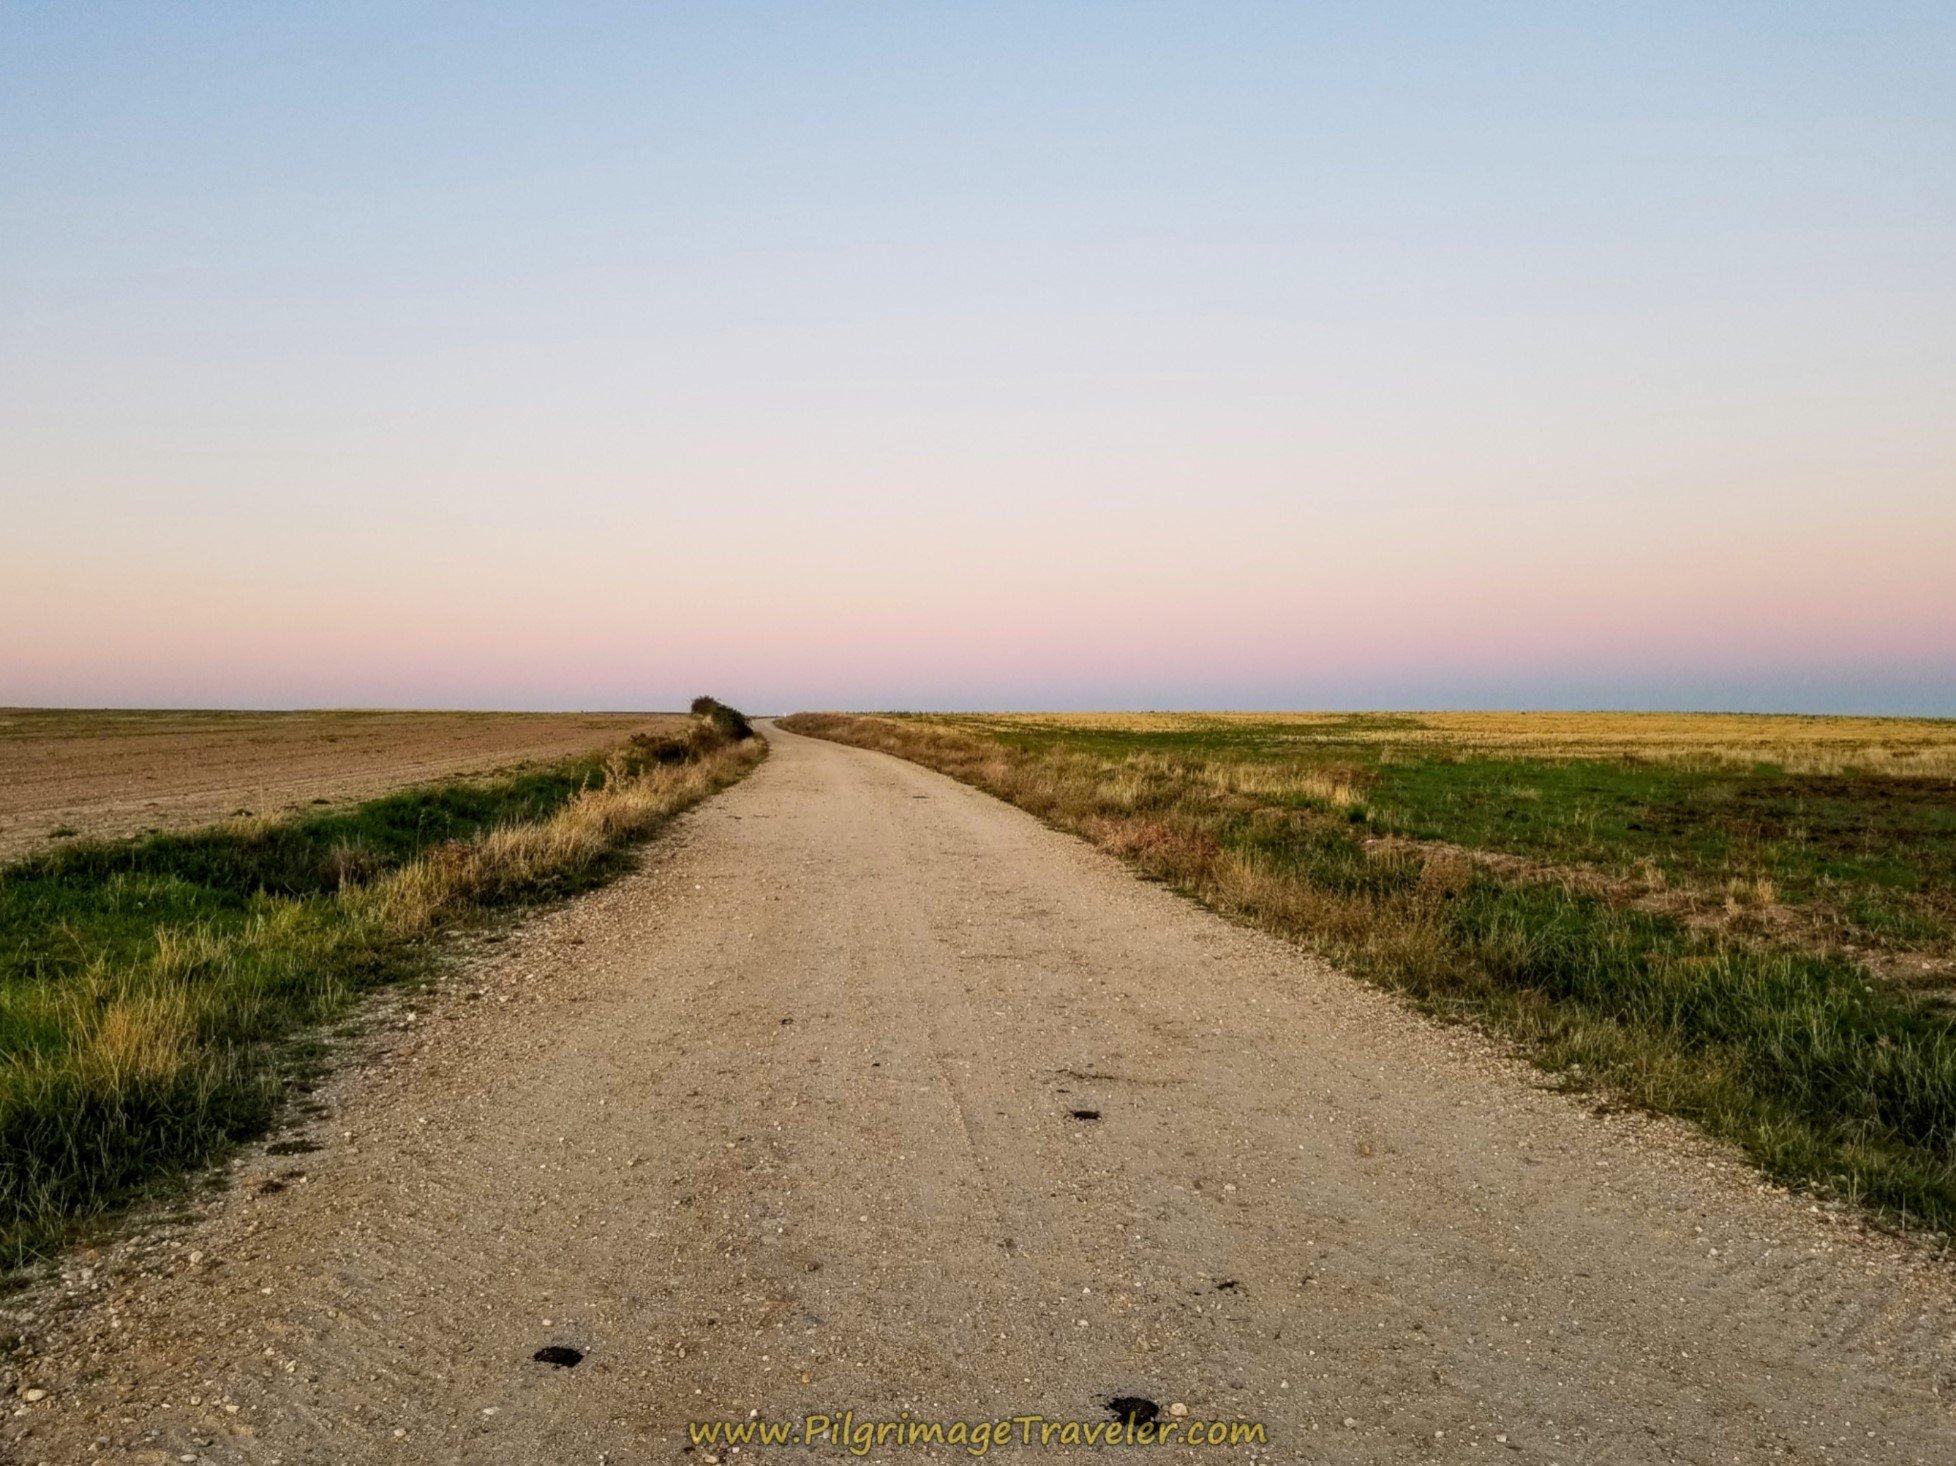 Sunrise Over the Camino de Macotera